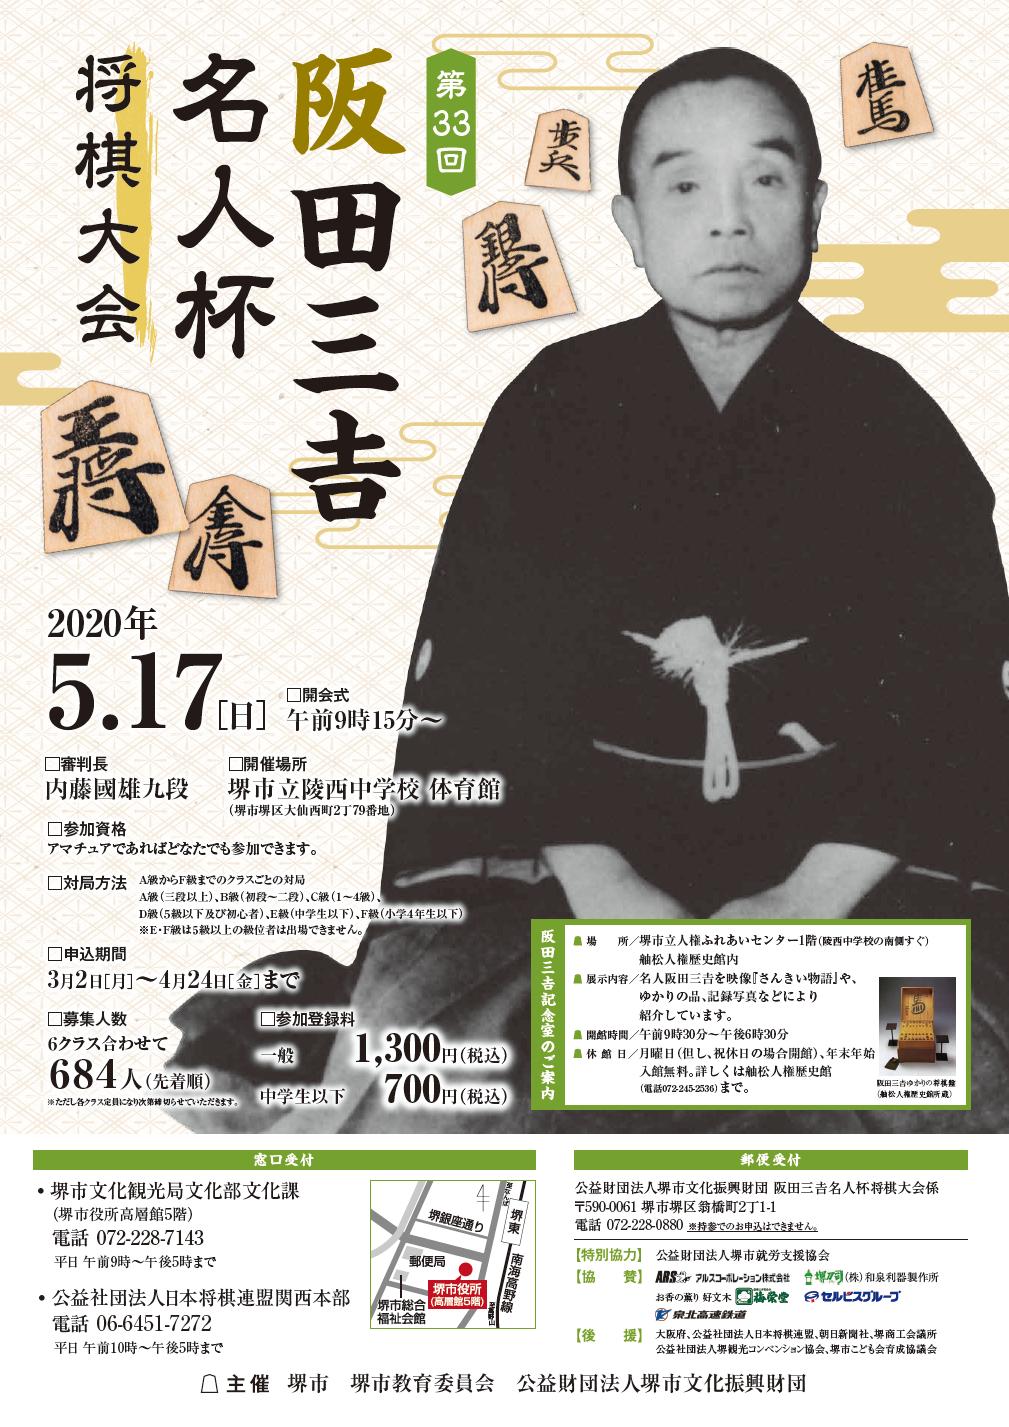 【中止】第33回阪田三吉名人杯将棋大会